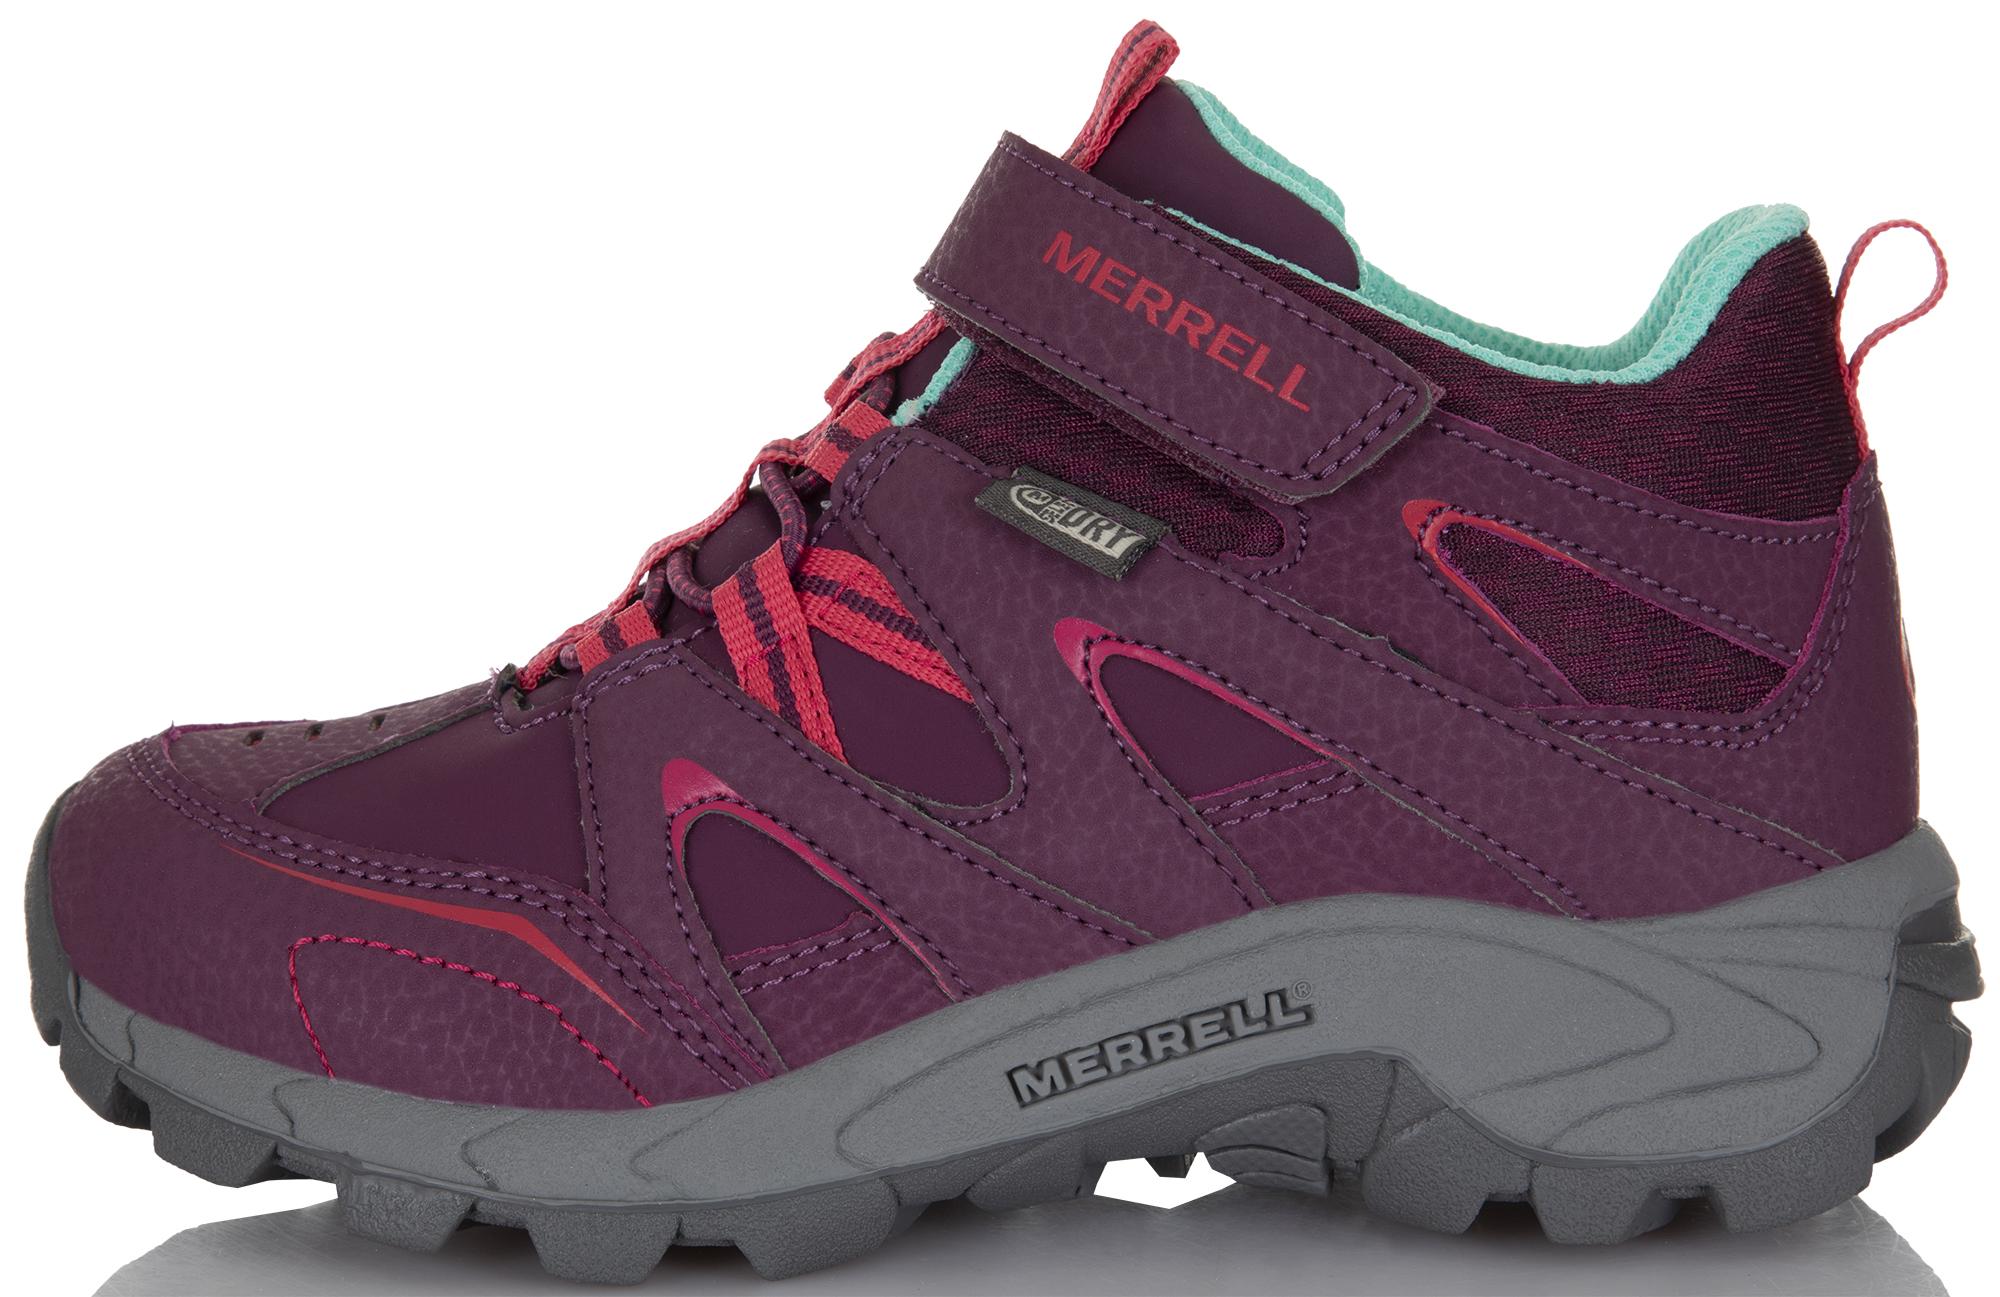 Merrell Ботинки для девочек Ml-Light Tech Ltr Quick Close, размер 34,5